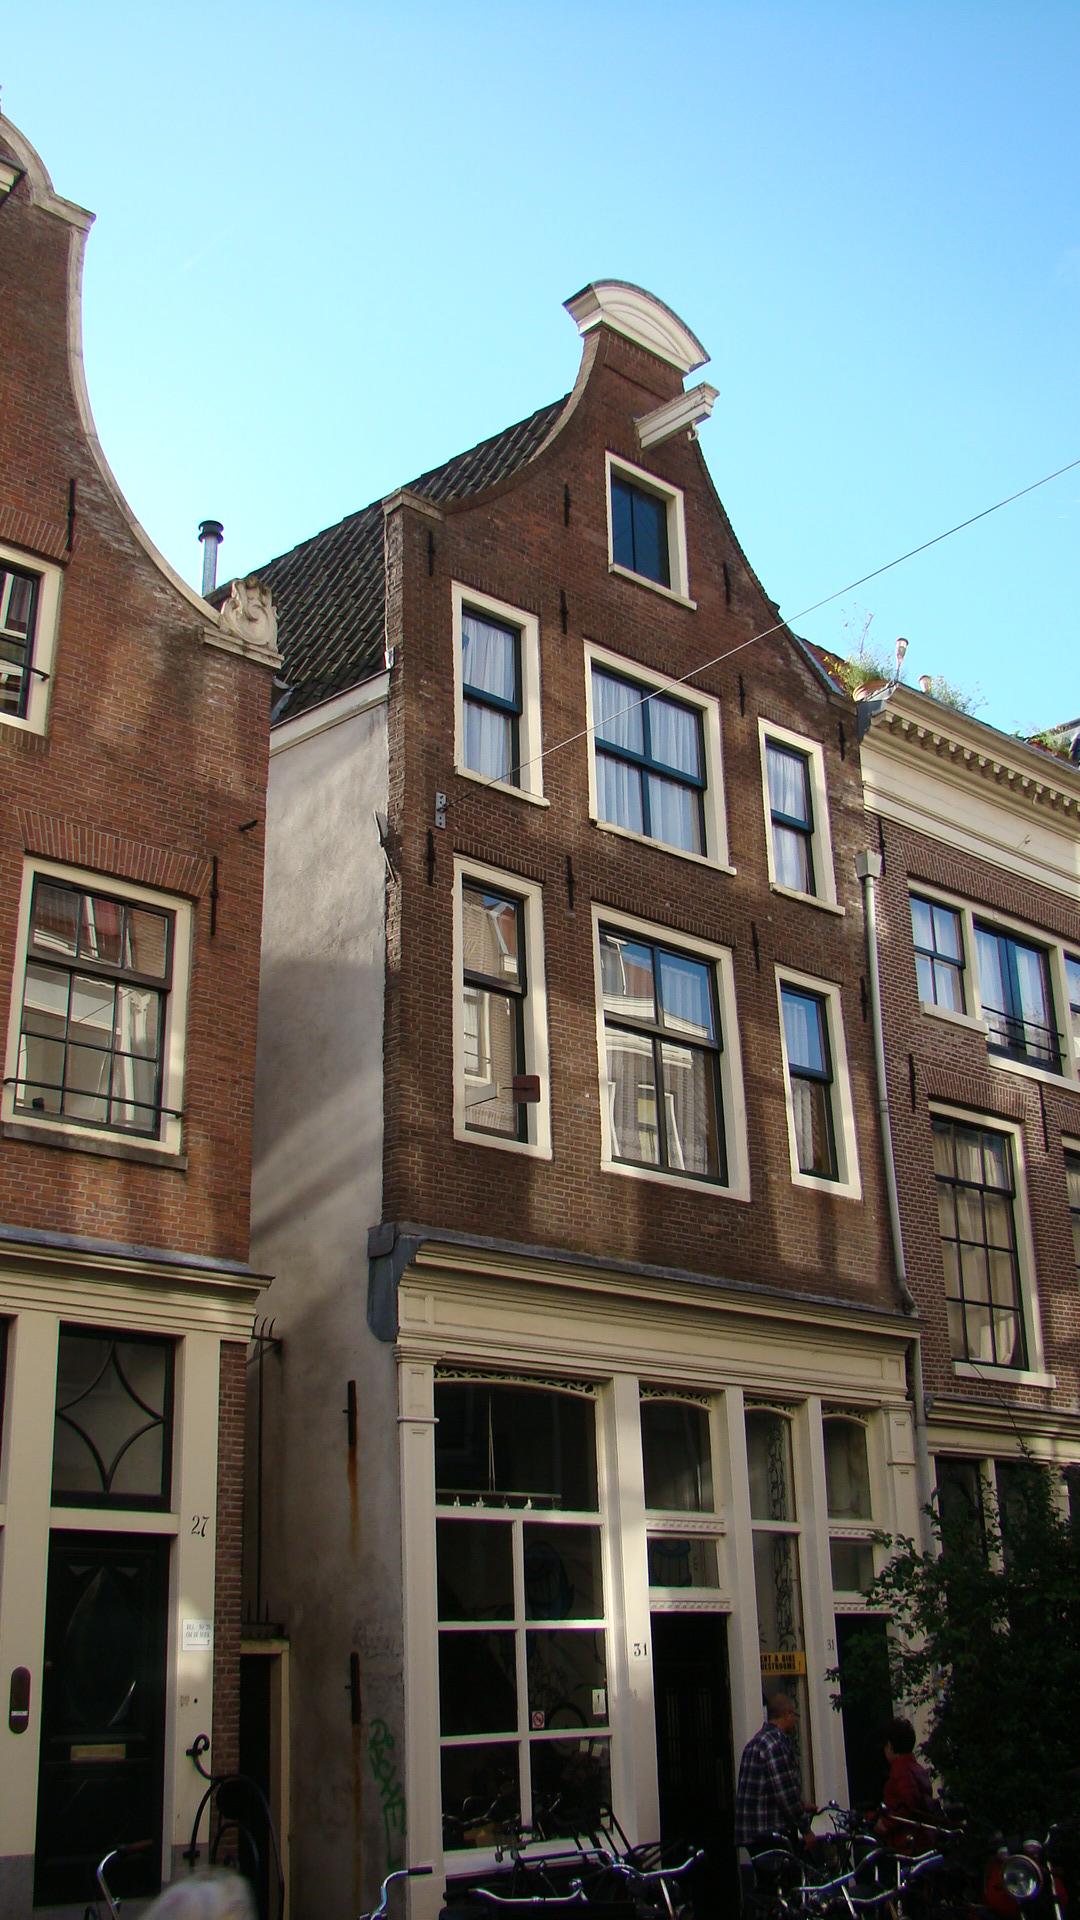 Huis met gevel waarvan de top in amsterdam monument - Provencaalse huis gevel ...